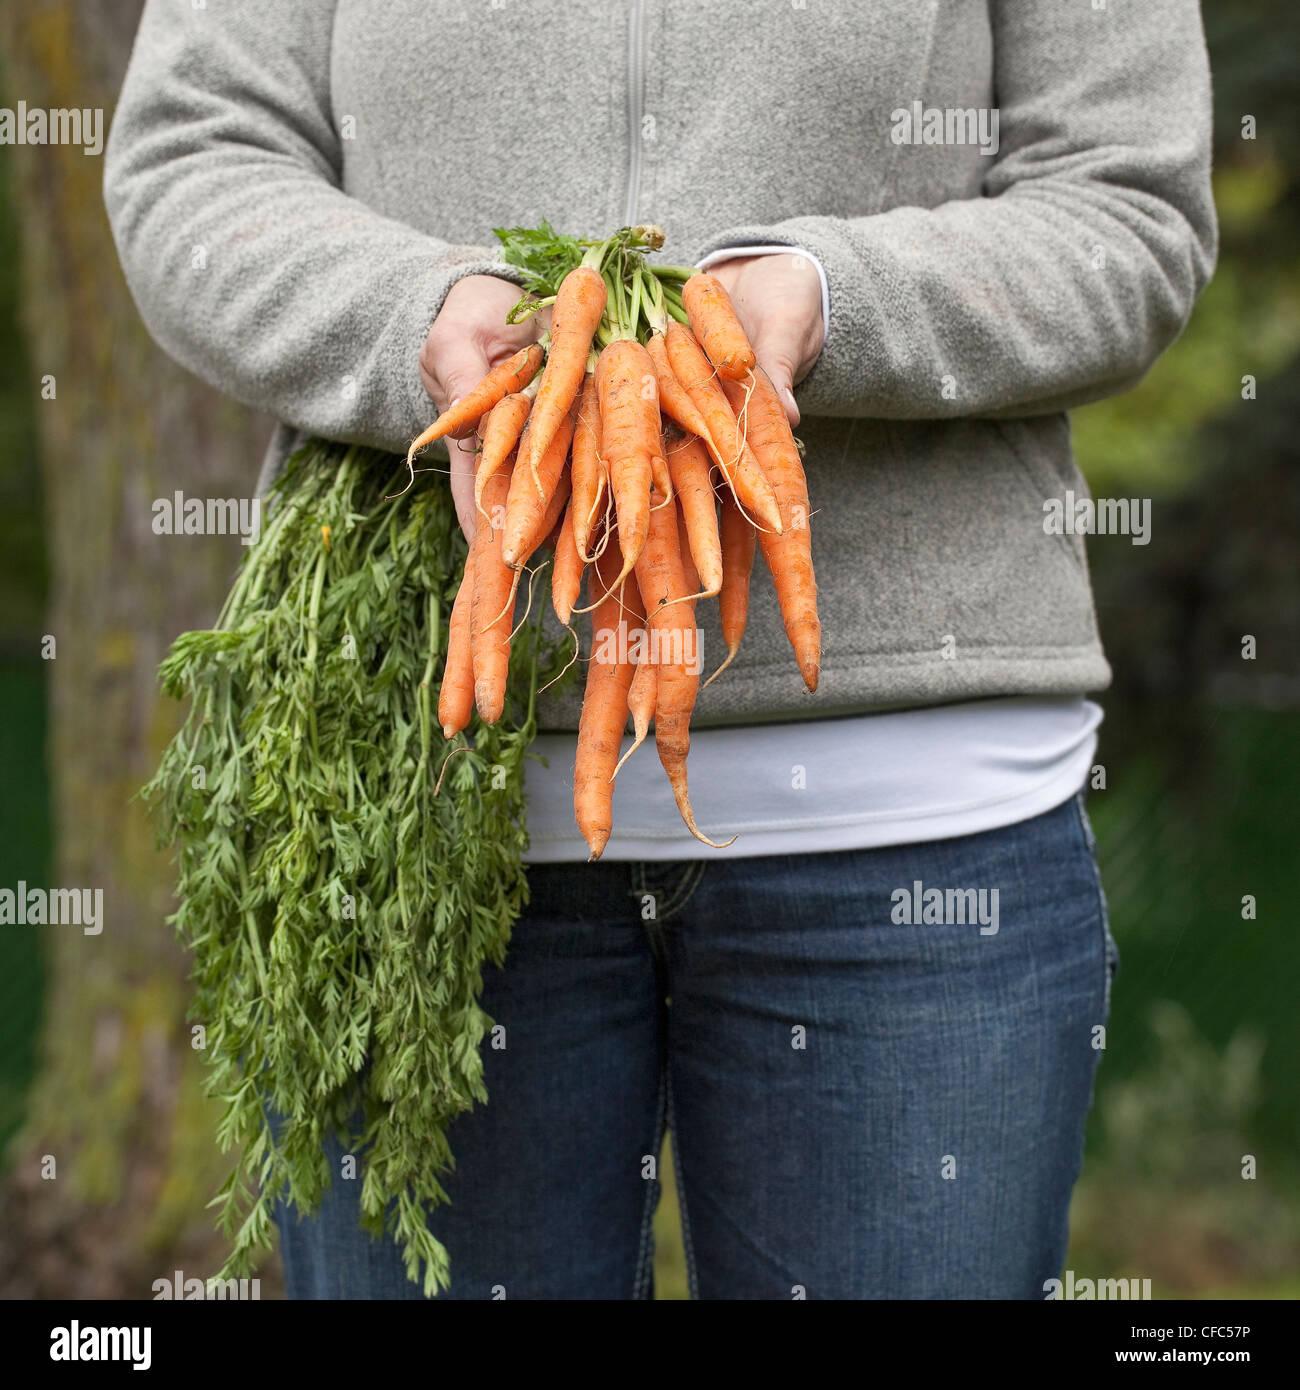 Femme tenant un bouquet de carottes biologiques frais. Winnipeg, Manitoba, Canada. Photo Stock